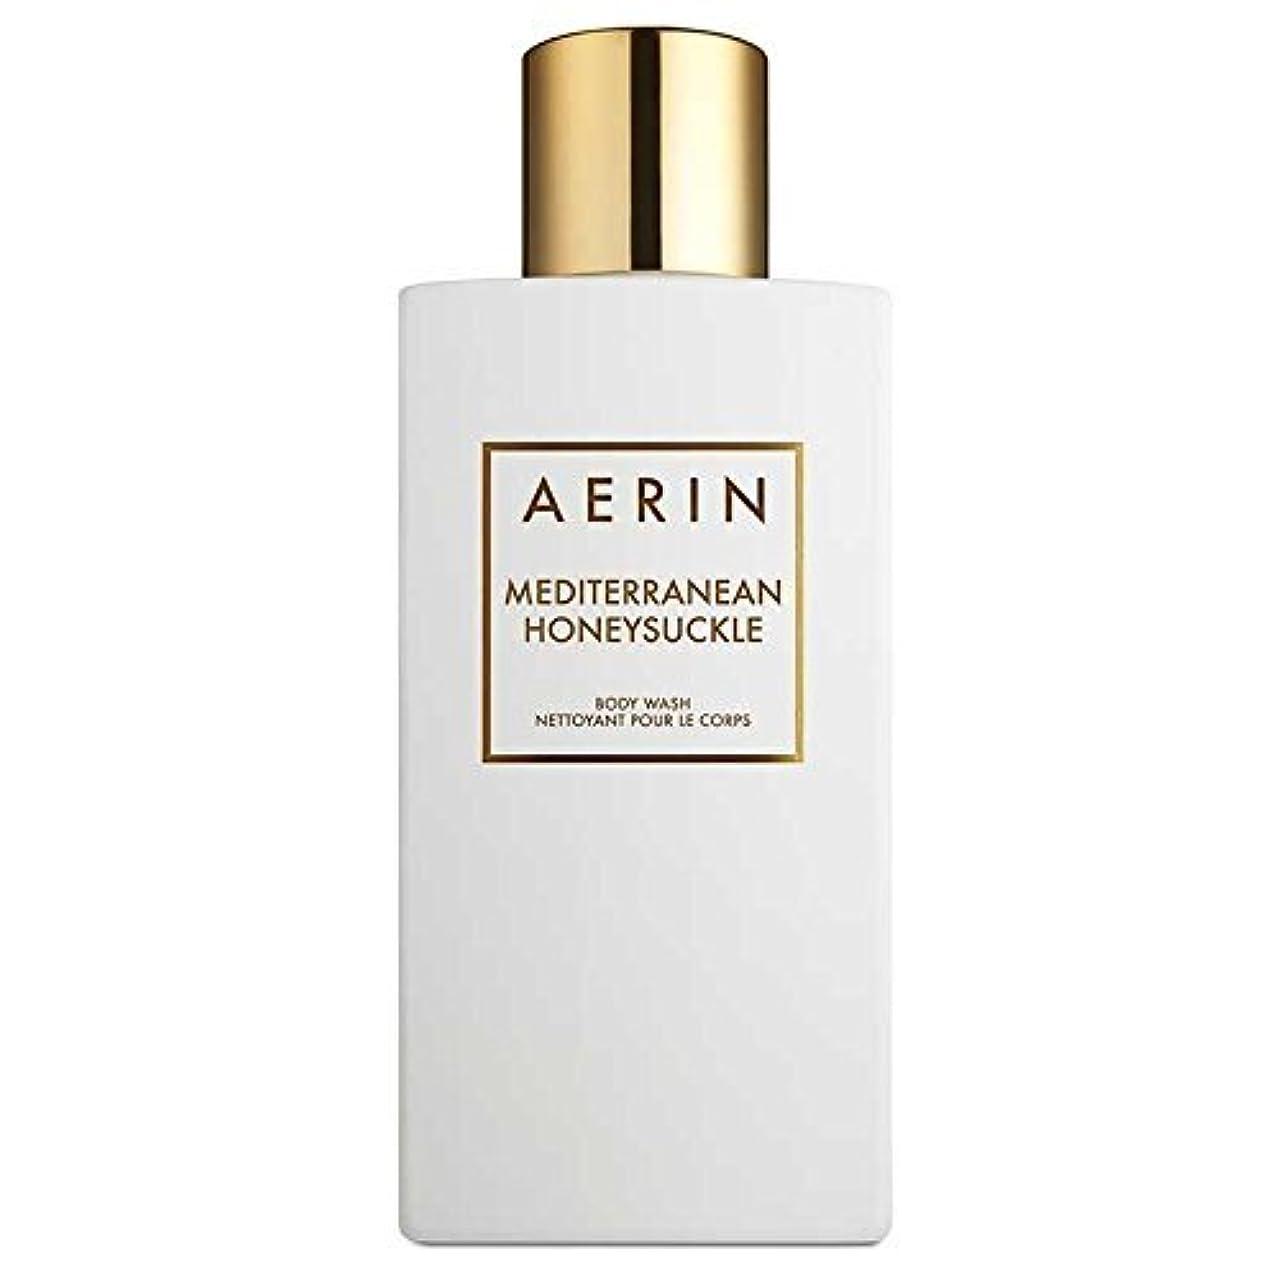 忠誠シュガー引き算AERIN Mediterranean Honeysuckle (アエリン メディタレーニアン ハニーサックル) 7.6 oz (228ml) Body Wash ボディーウオッシュ by Estee Lauder for...